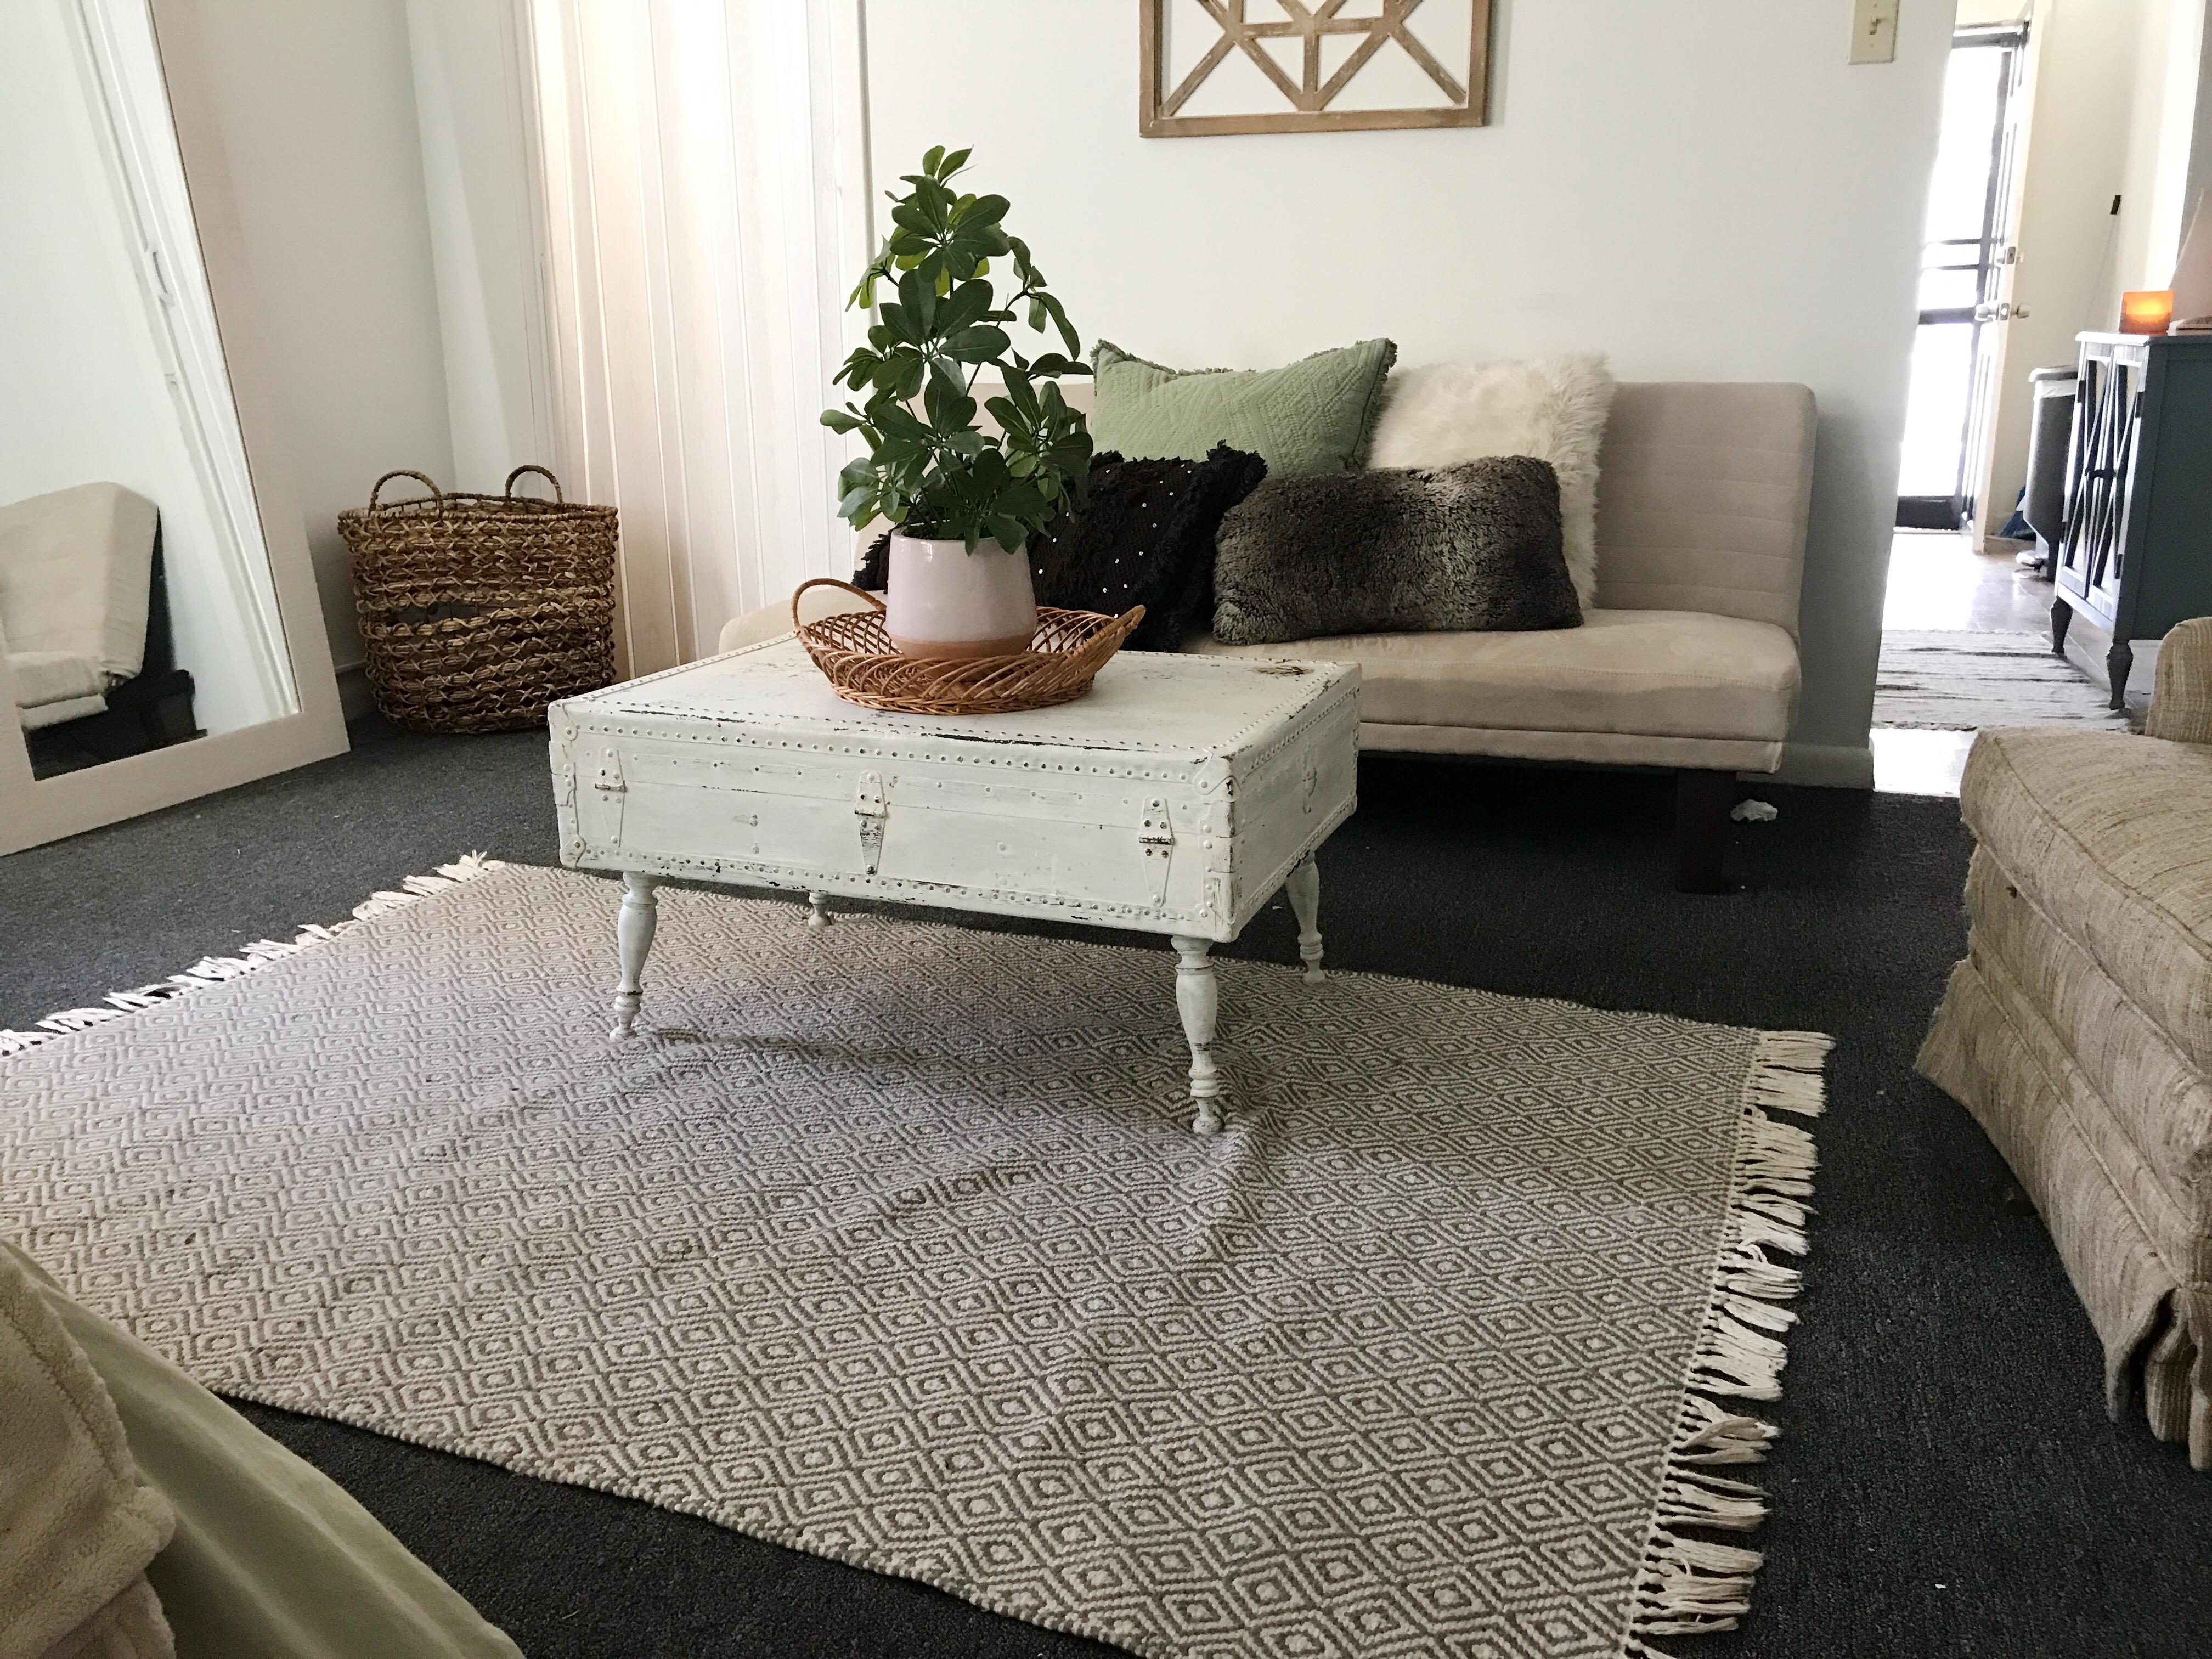 college interior design: area rug